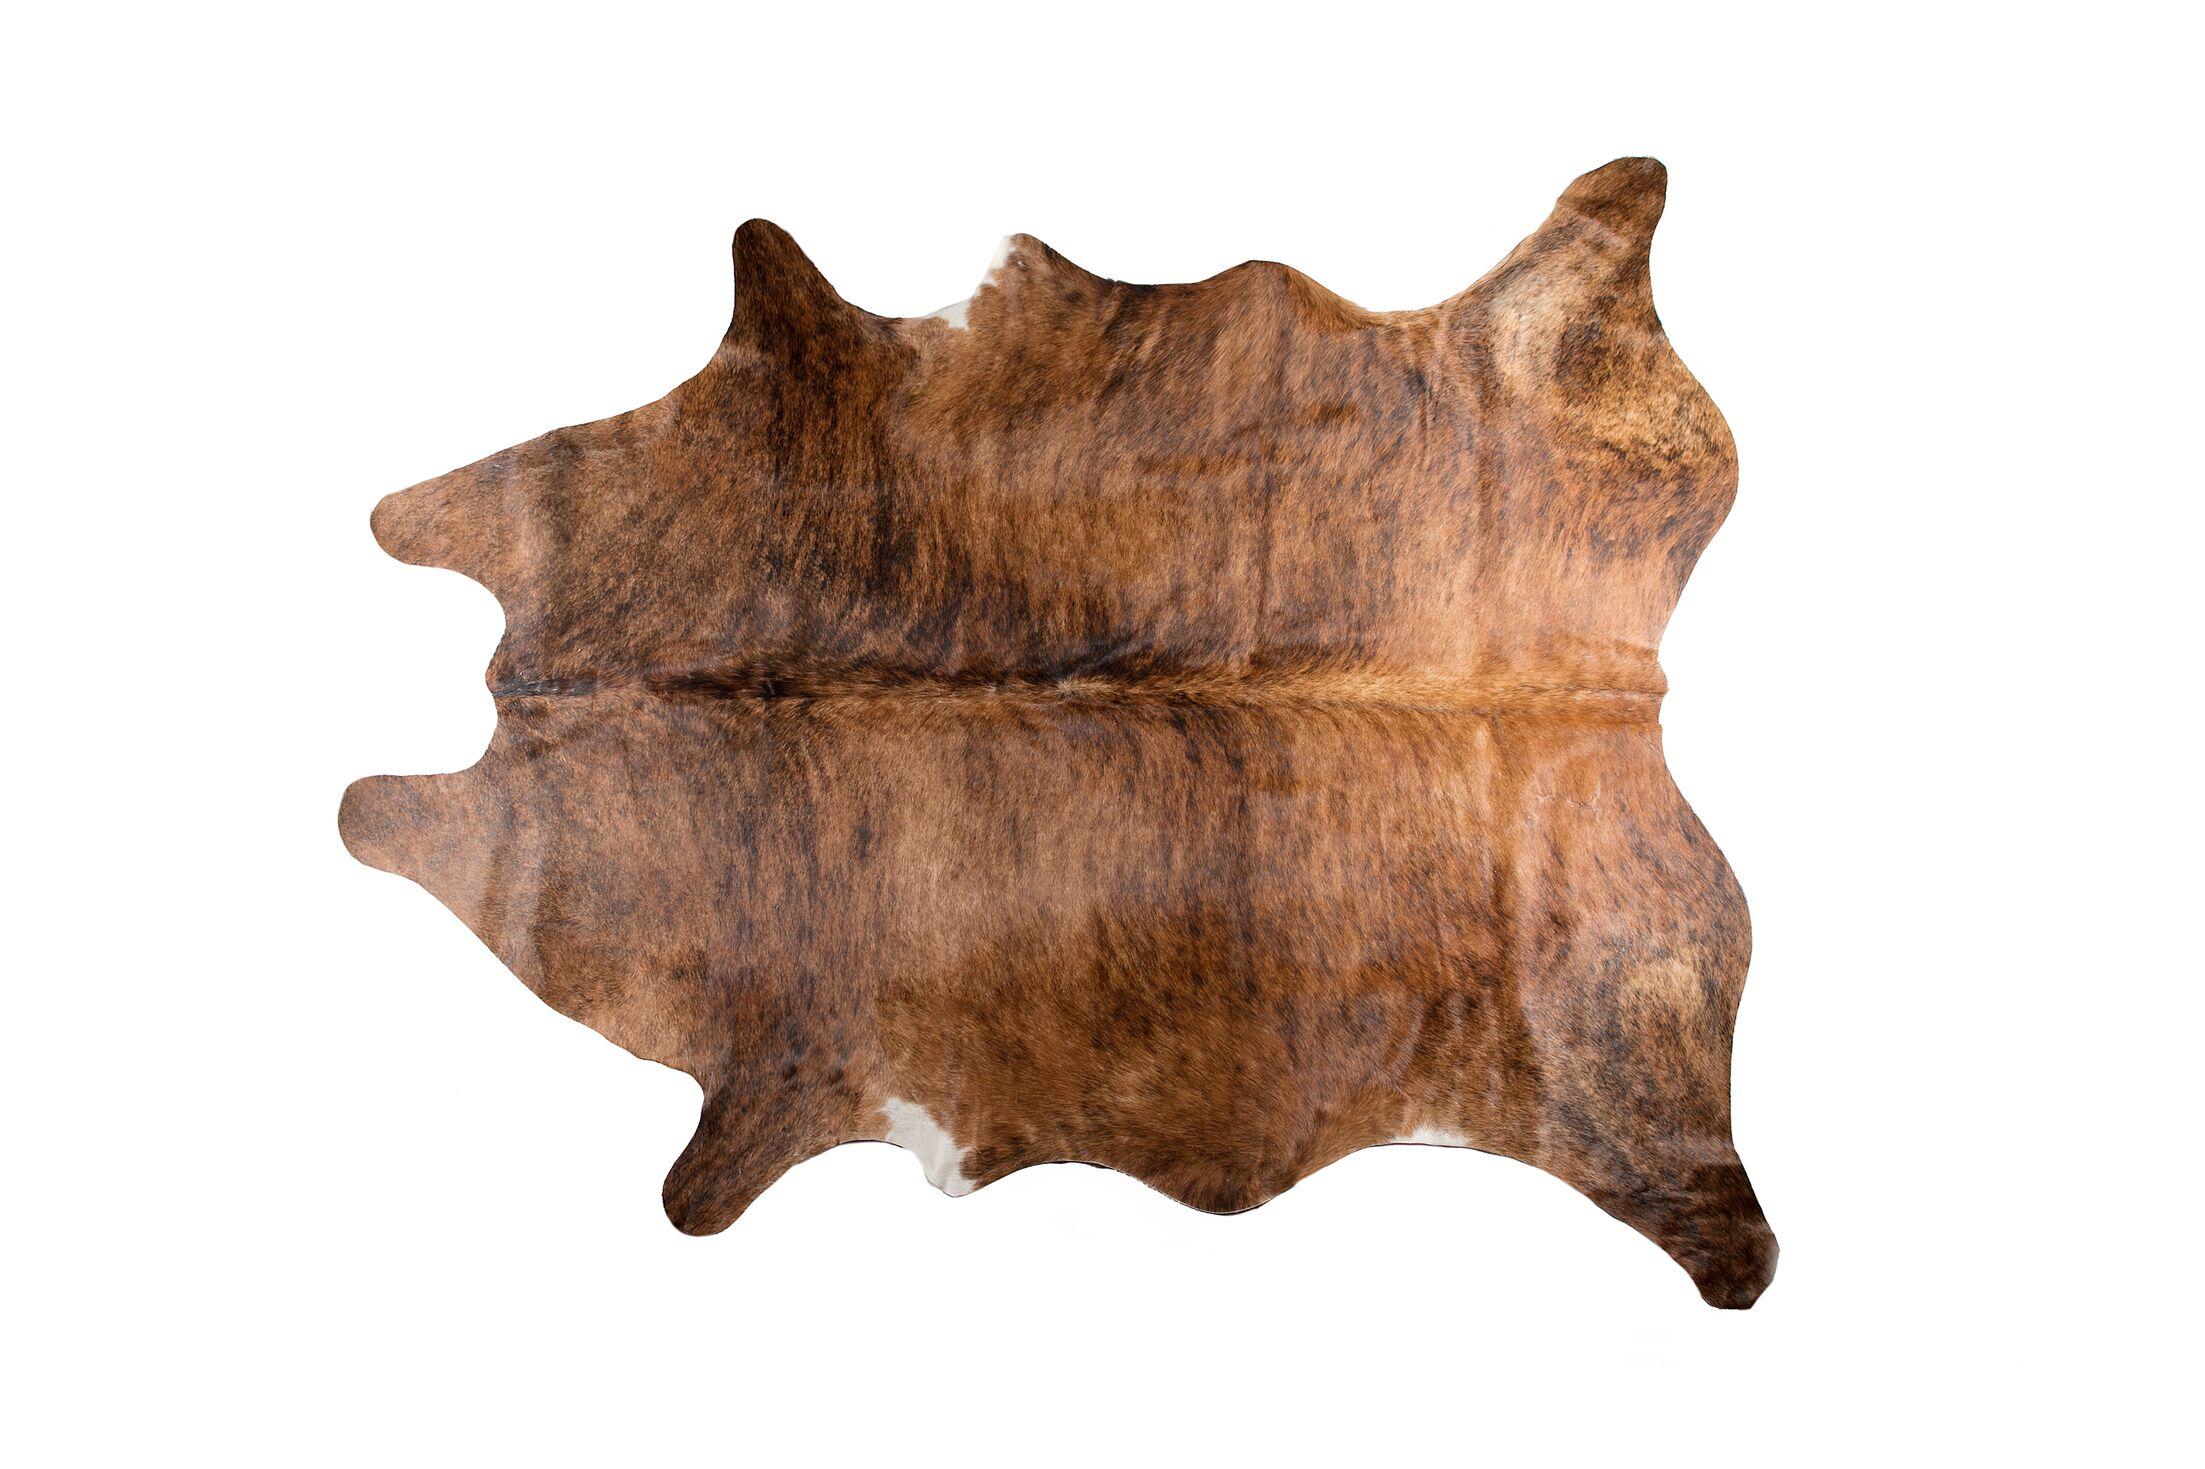 Dreer Hand-Woven Cowhide Brown Area Rug